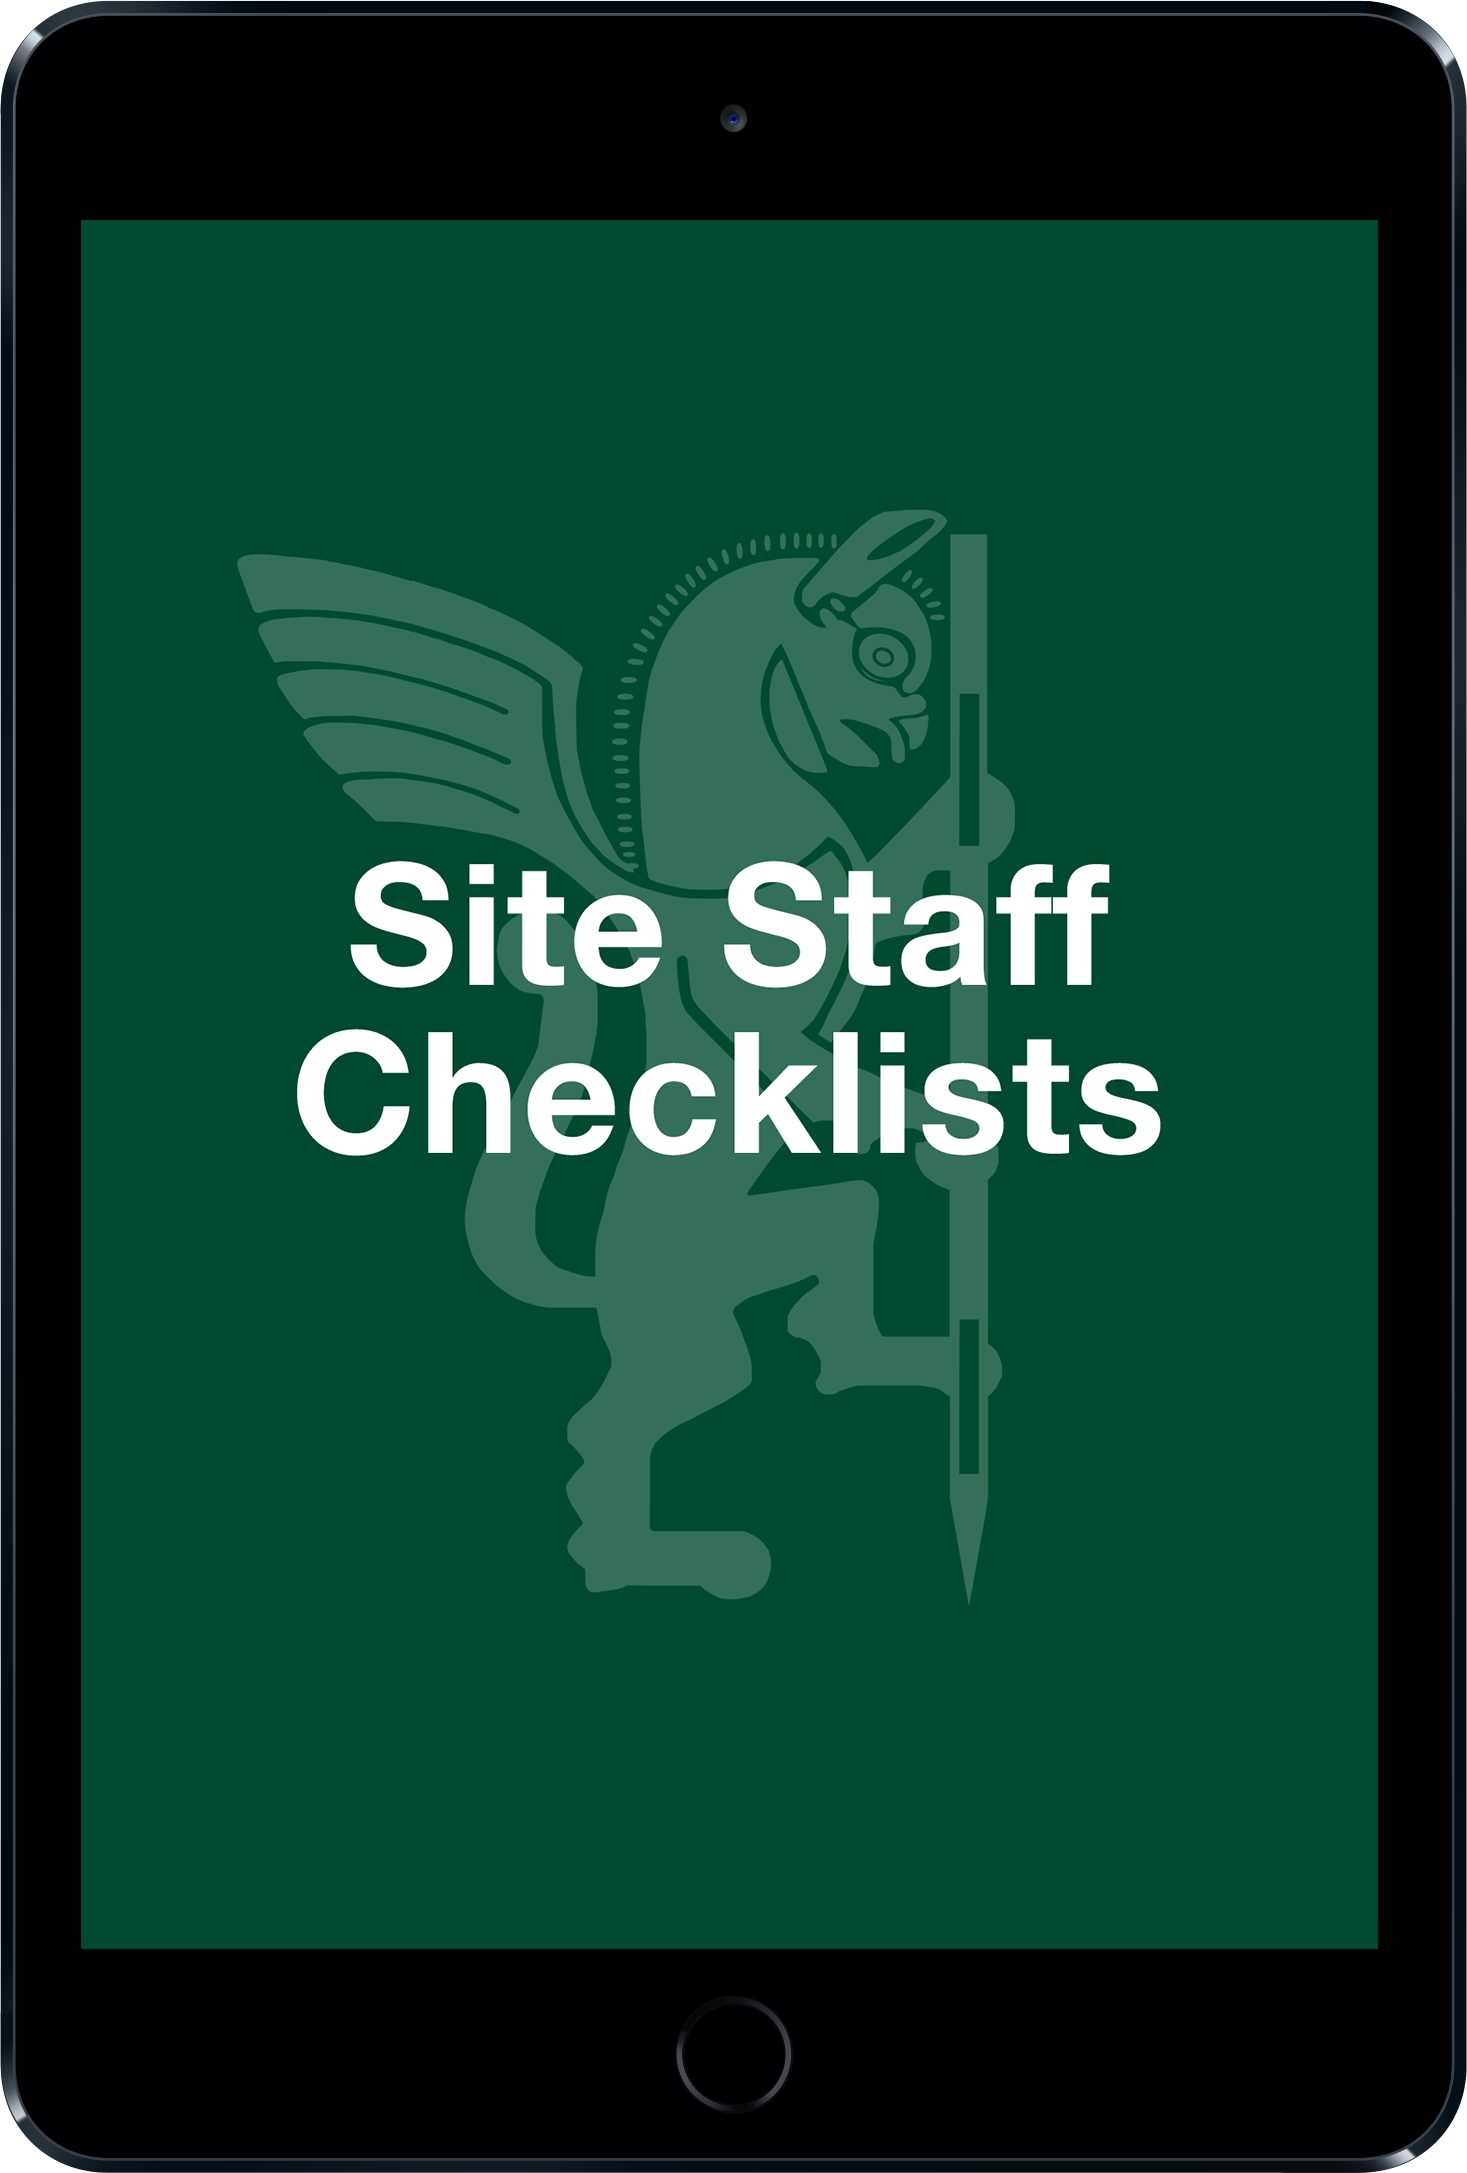 Site staff checklists 0cdc79f9d167638f7a66d21cabb68889c5a0d670ff3e253223016cab1ed72eb5